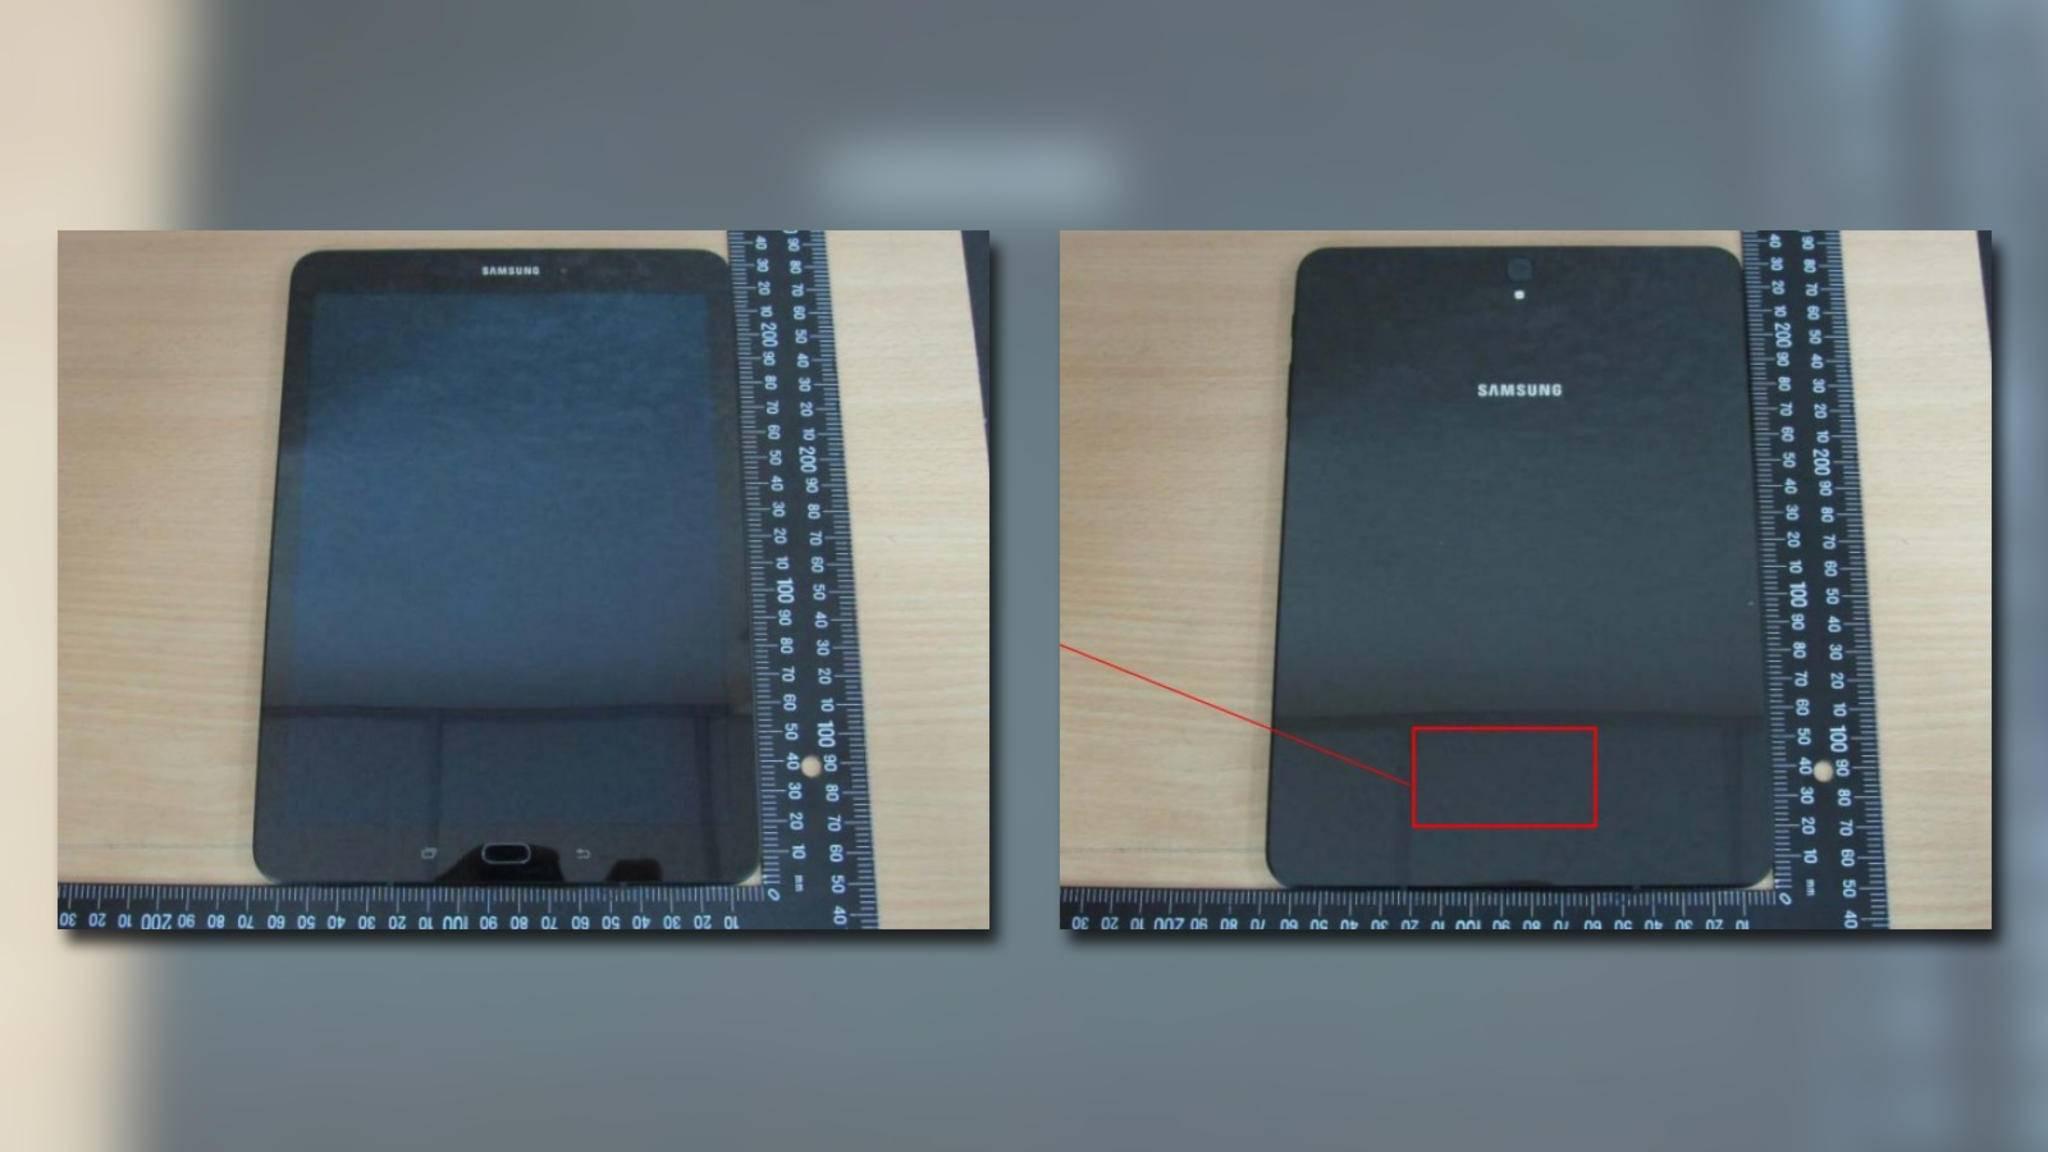 Das Galaxy Tab S3 wird bald mit Android 8.0 Oreo ausgestattet.